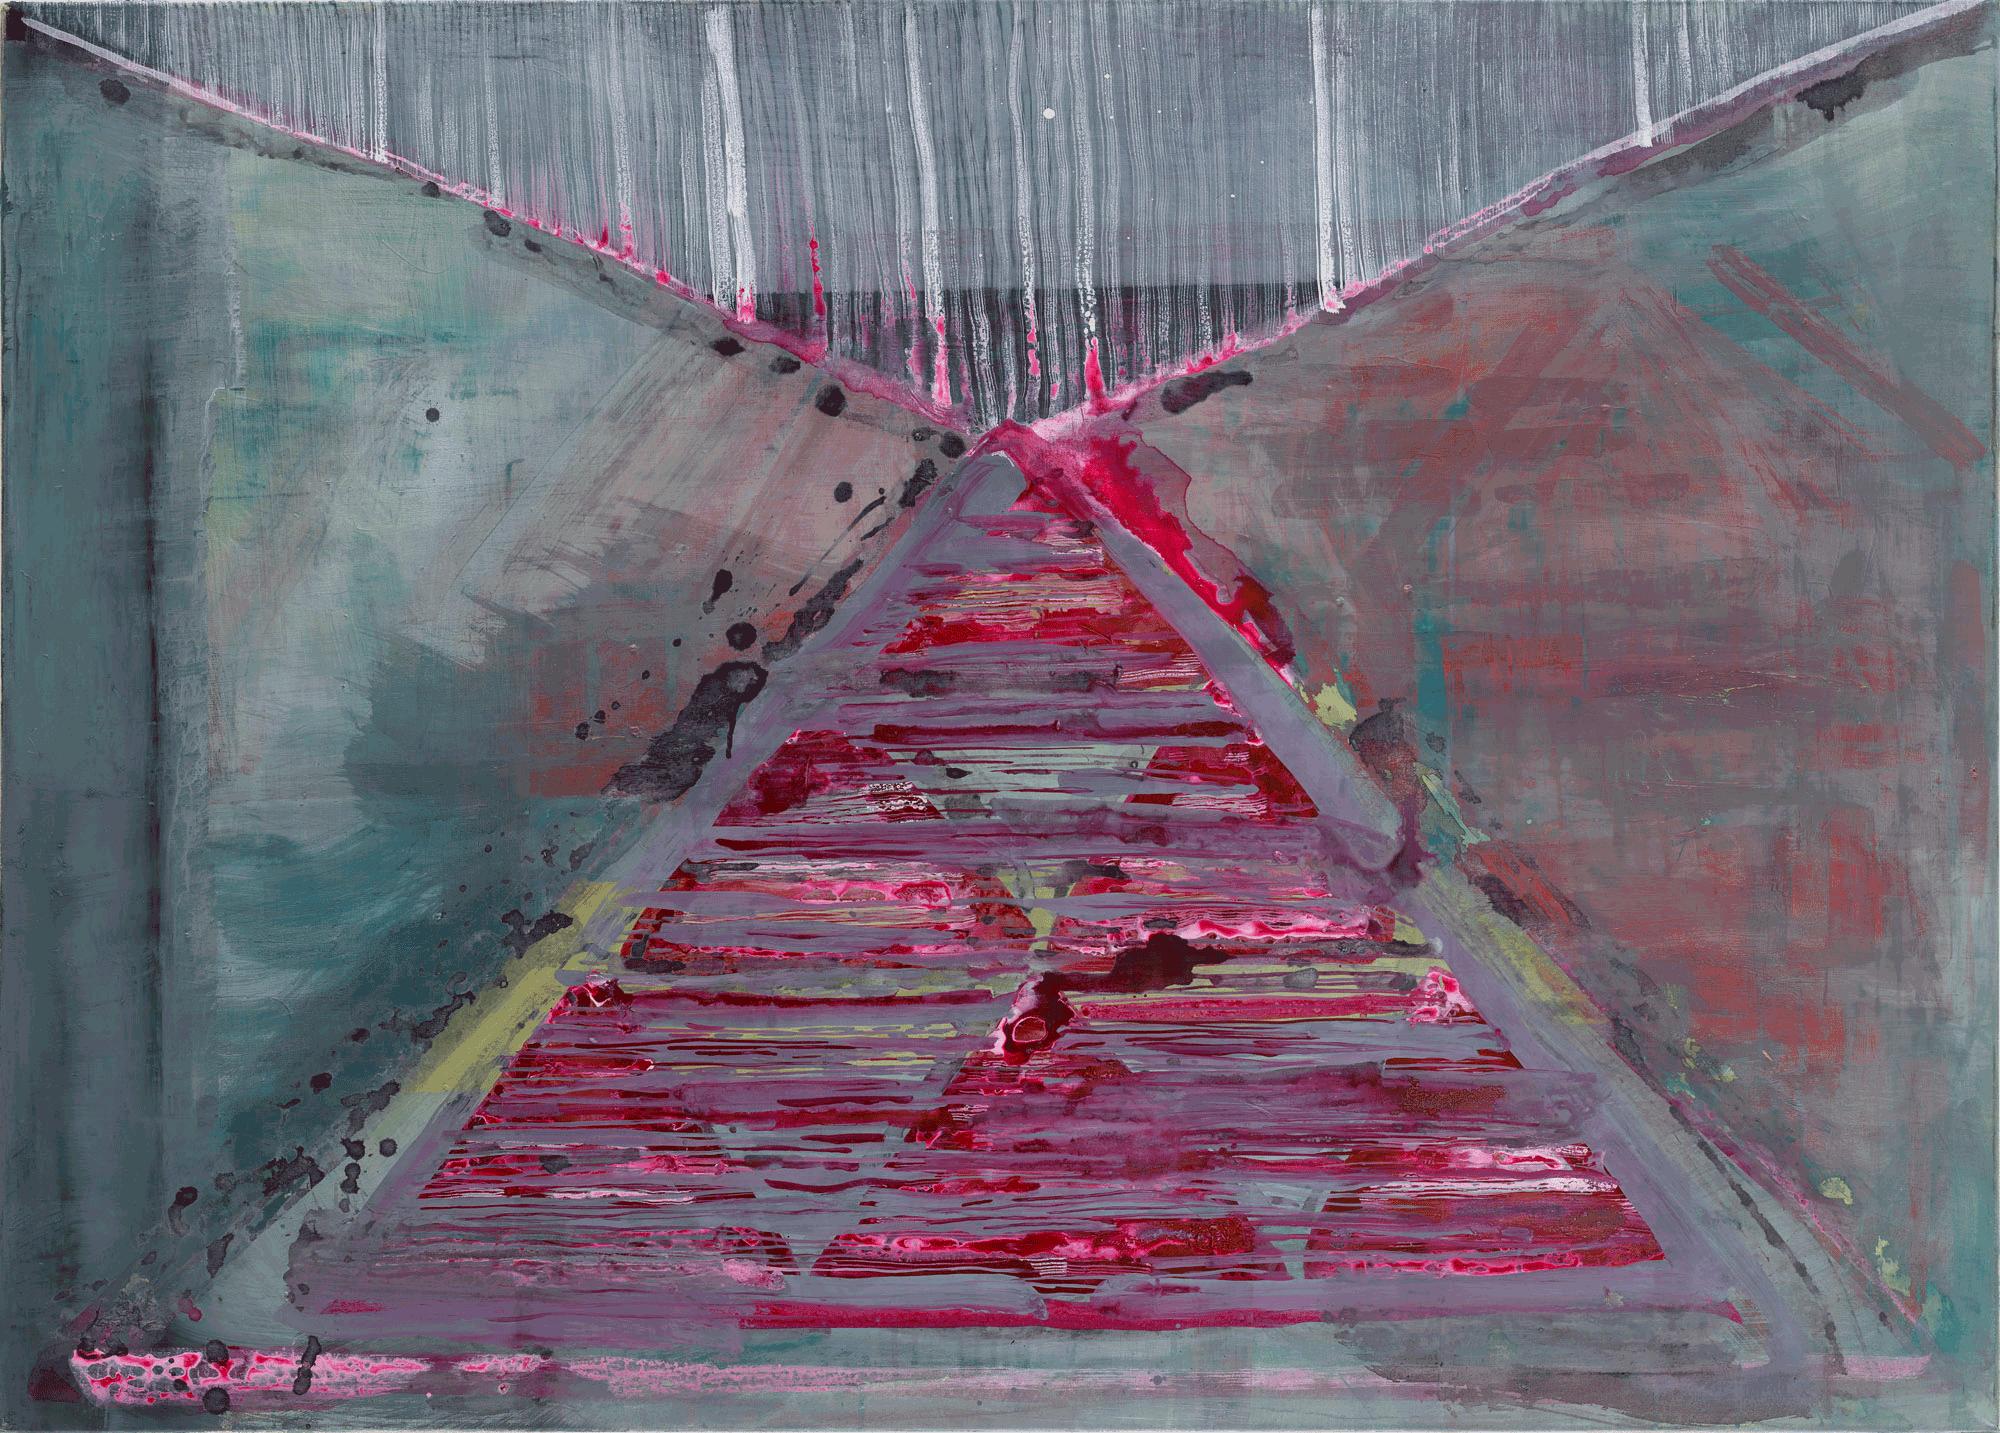 Yvonne Andreini, Pyramid, 2020, 100 x 140 cm, Tusche und Öl auf Leinwand